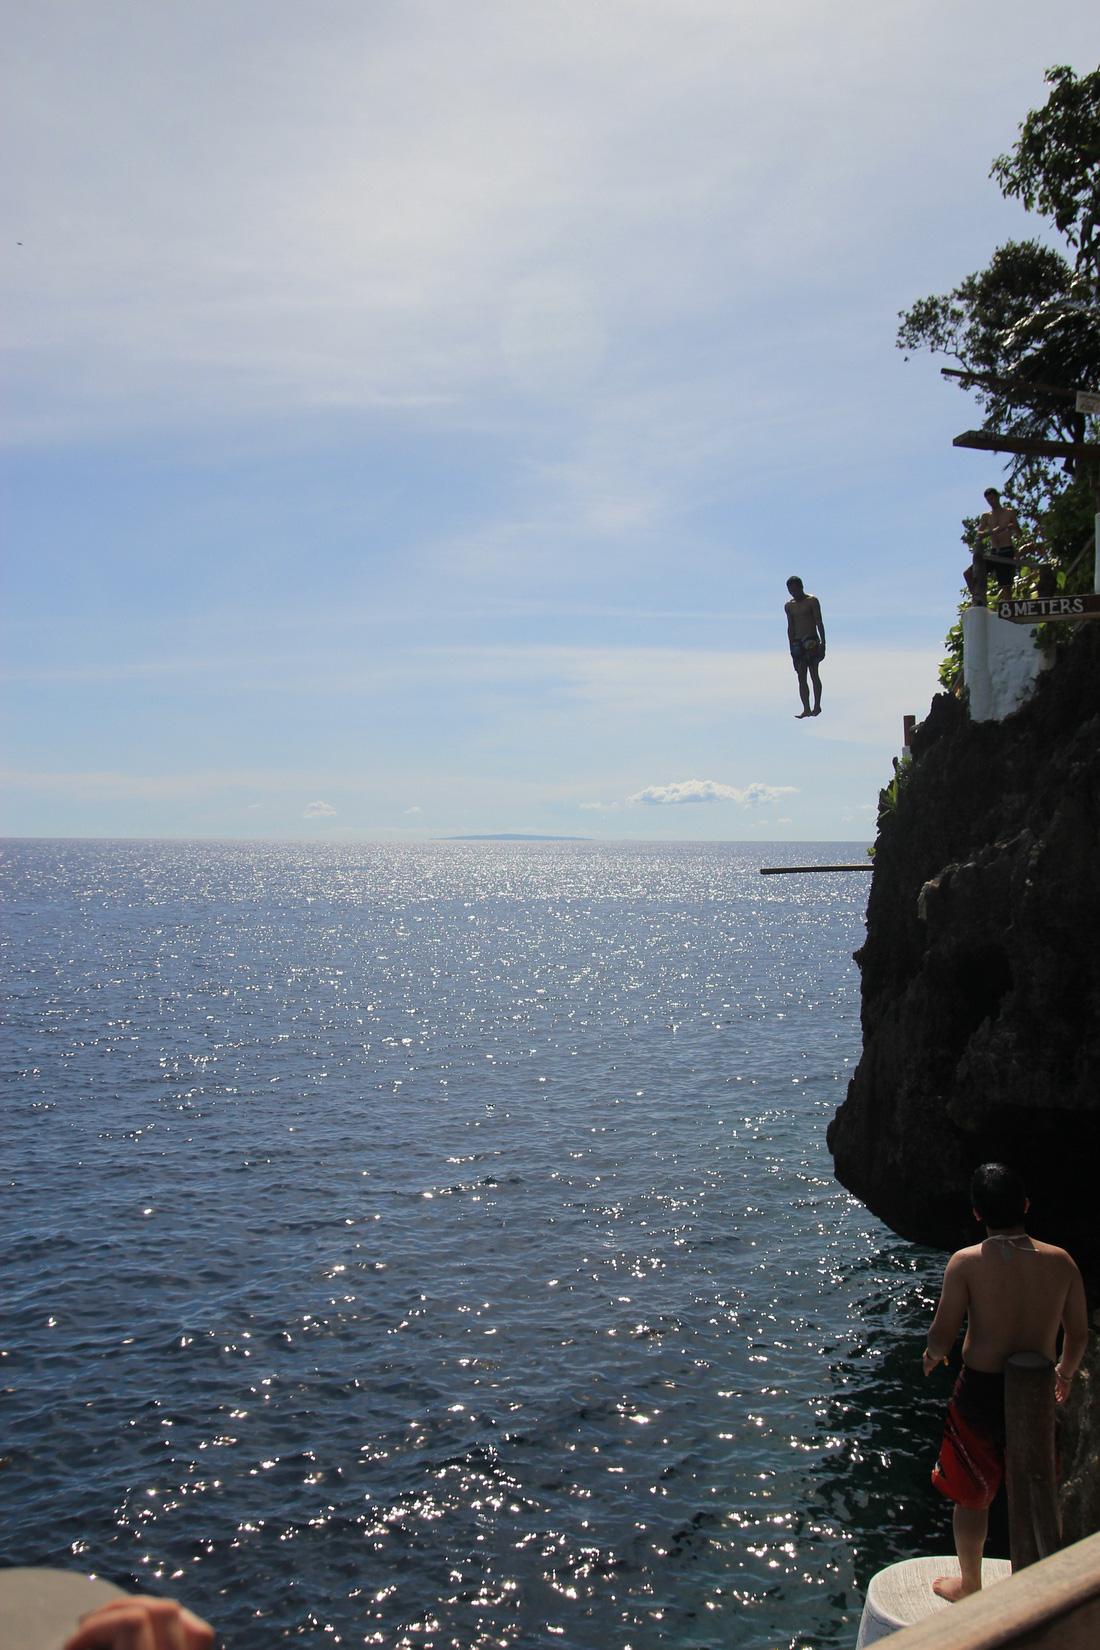 Nhảy xuống biển từ vách đá tại đảo thiên đường Philippines - Ảnh 8.